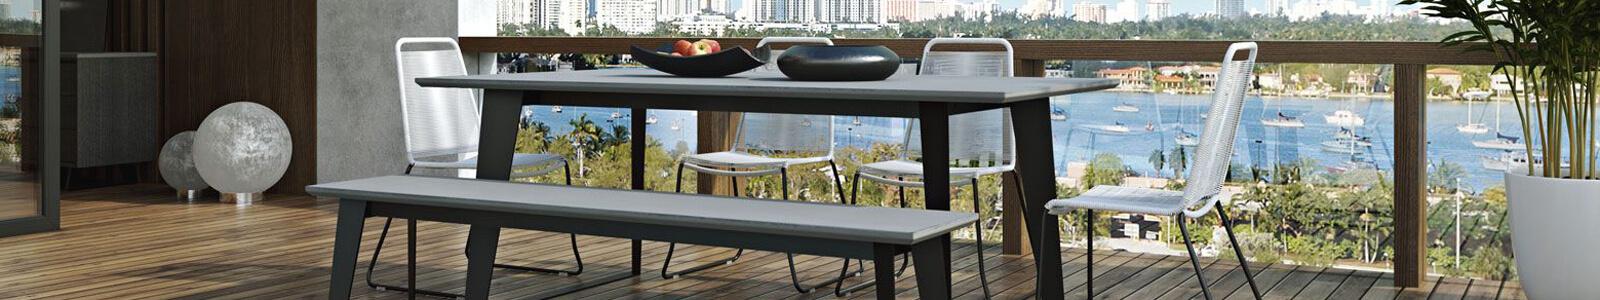 Modloft Outdoor Furniture Banner